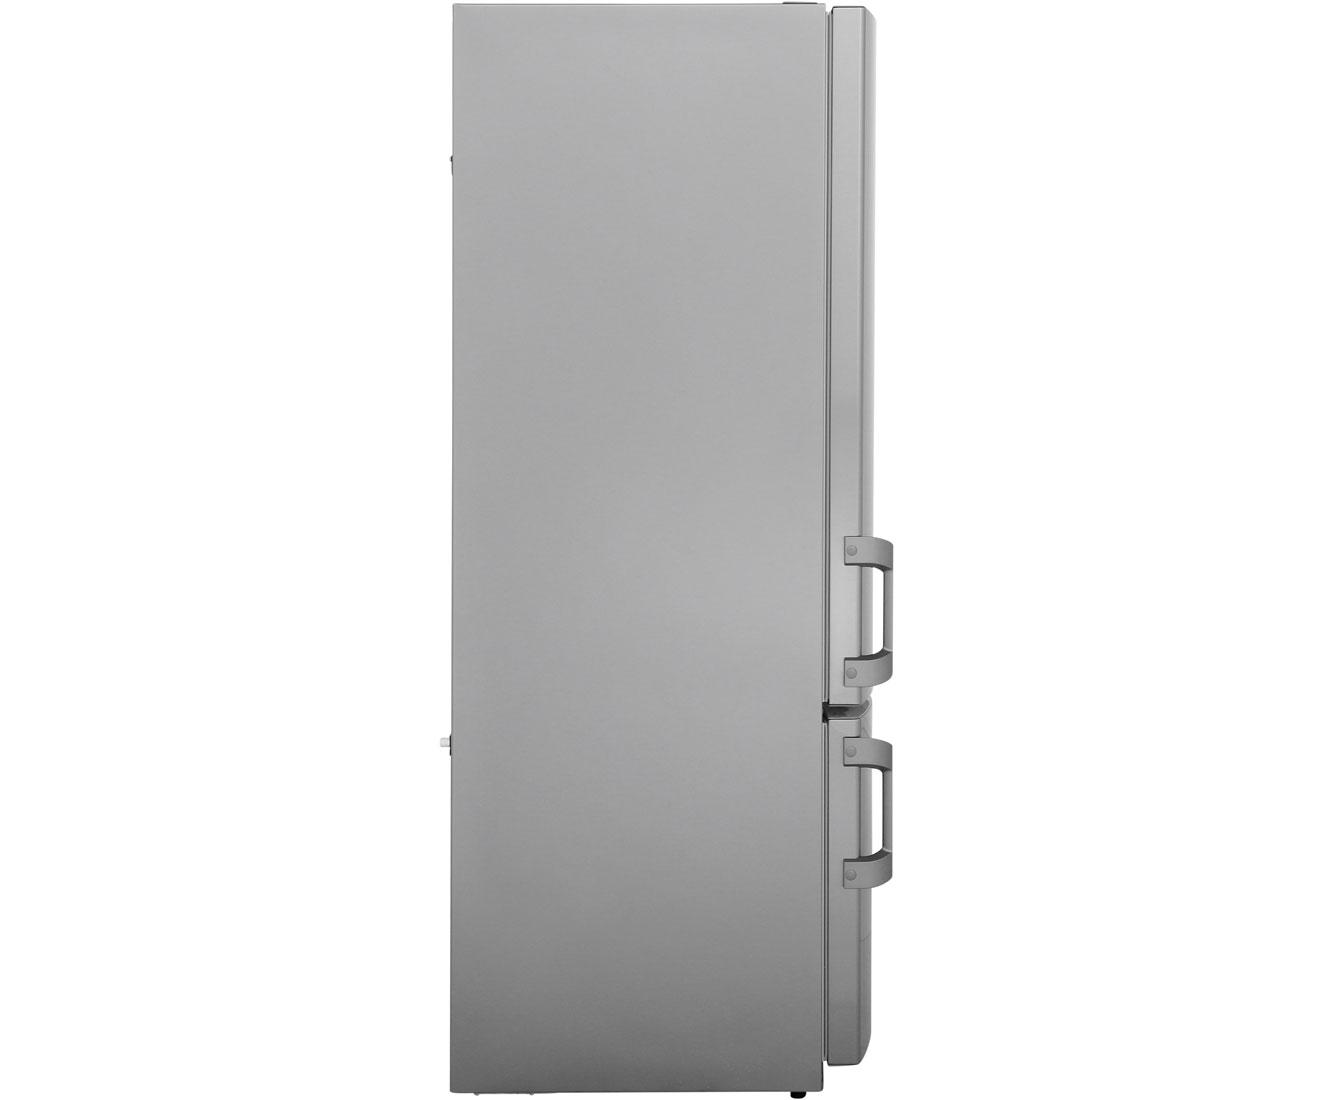 Gorenje Kühlschrank Creme Retro : Gorenje rk kühl gefrierkombination er breite edelstahl a